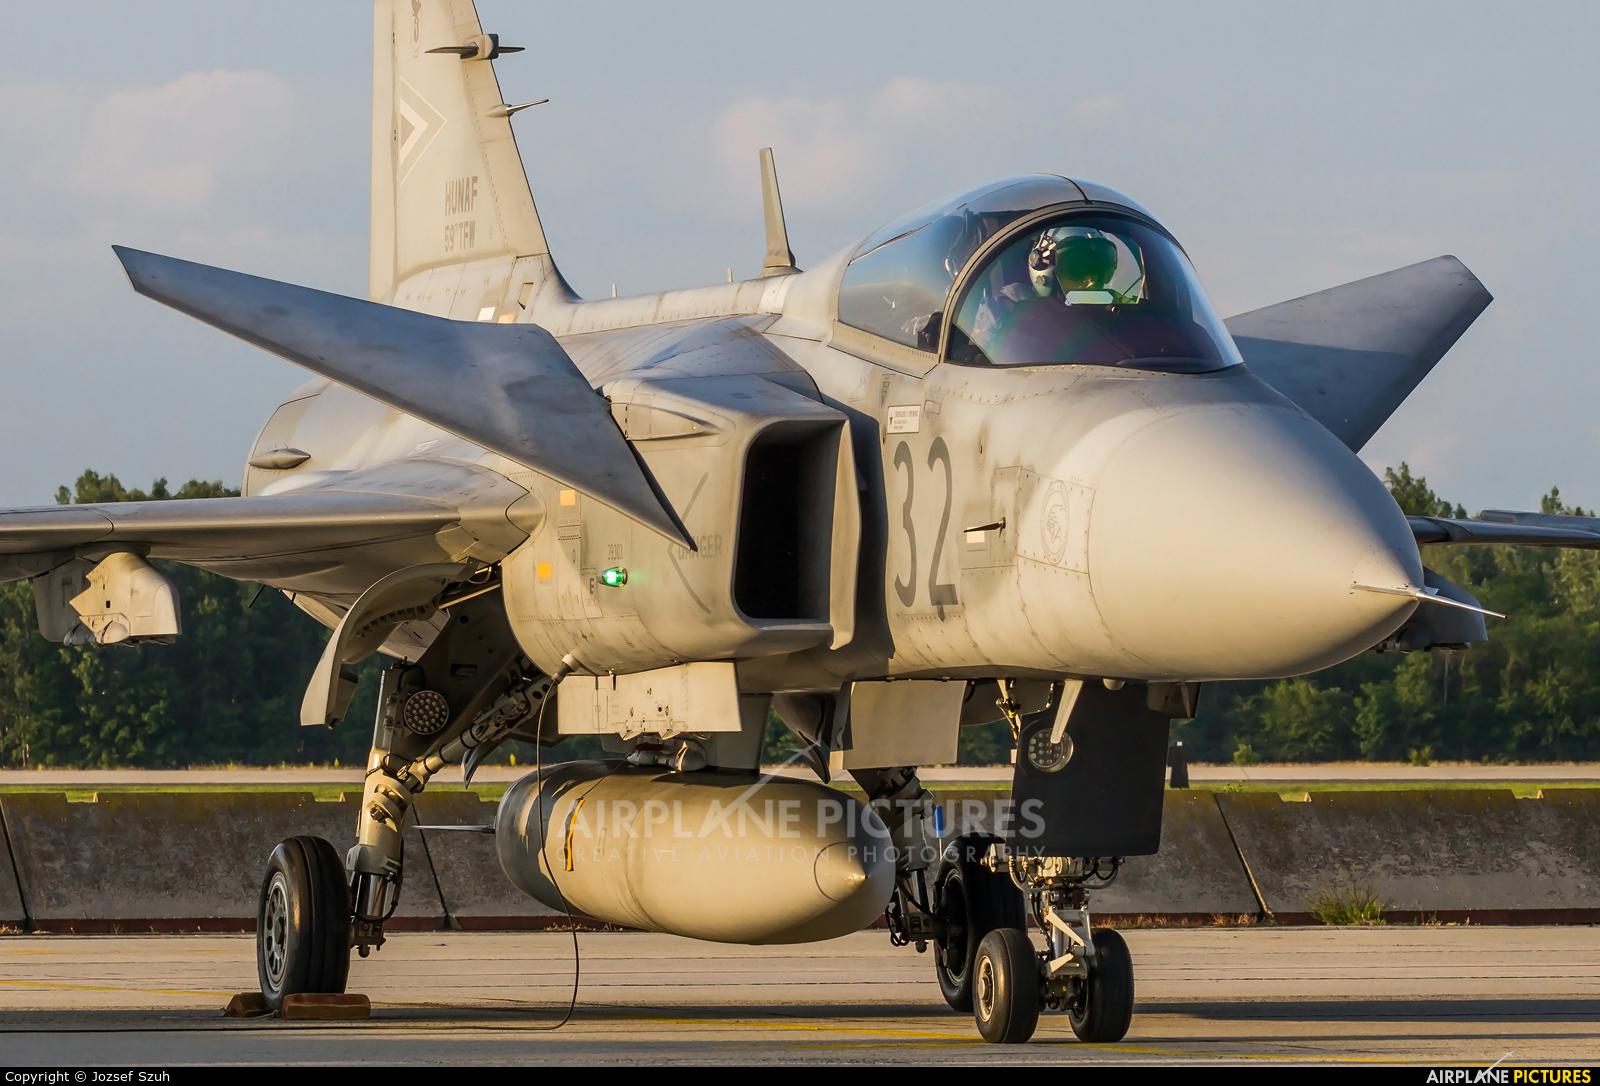 Hungary - Air Force 32 aircraft at Kecskemét